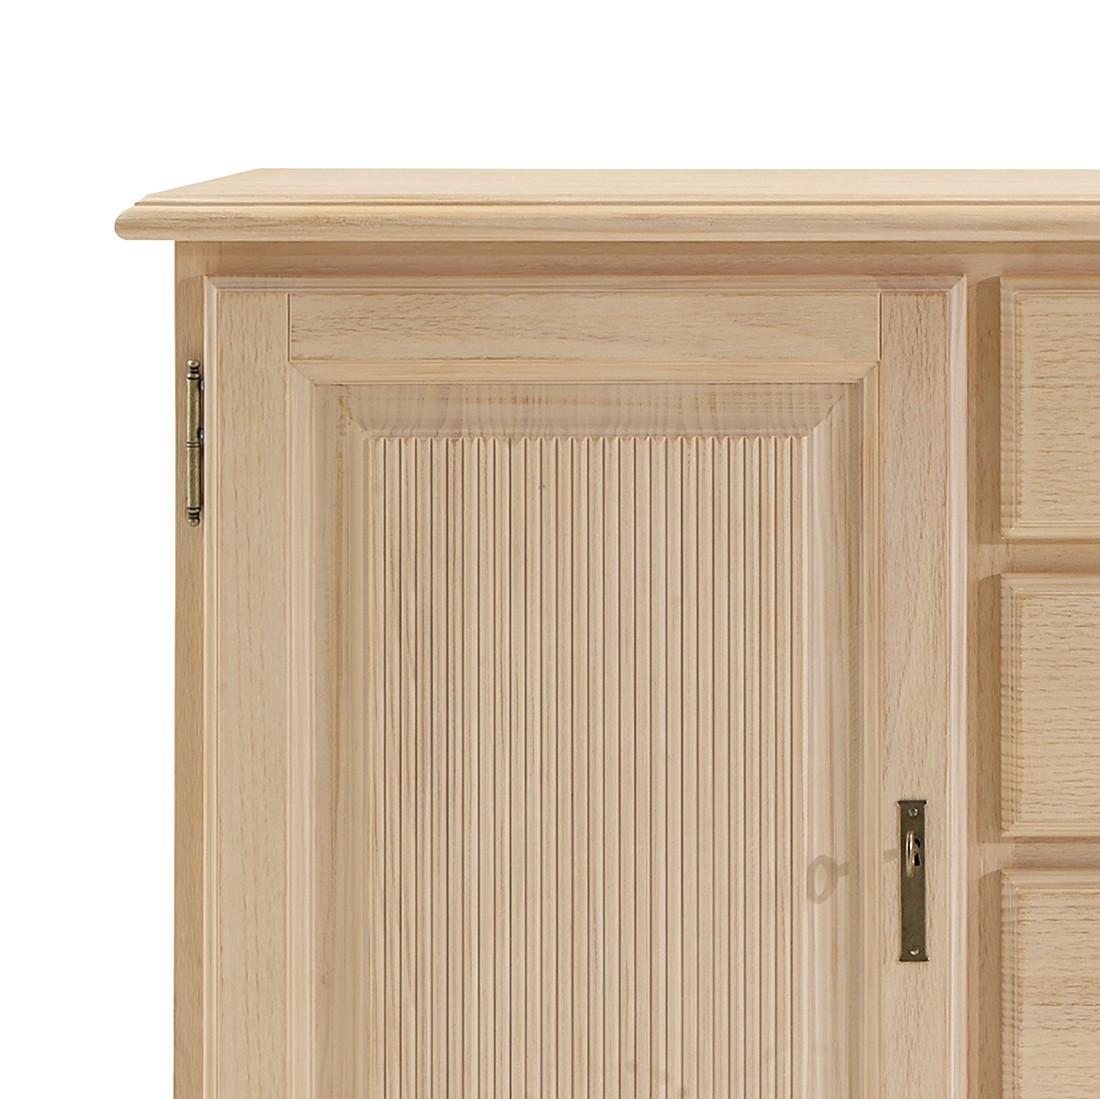 Wunderbar Landhaus Classic Sideboard U2013 Für Ein Klassisch Ländliches Heim | Home24